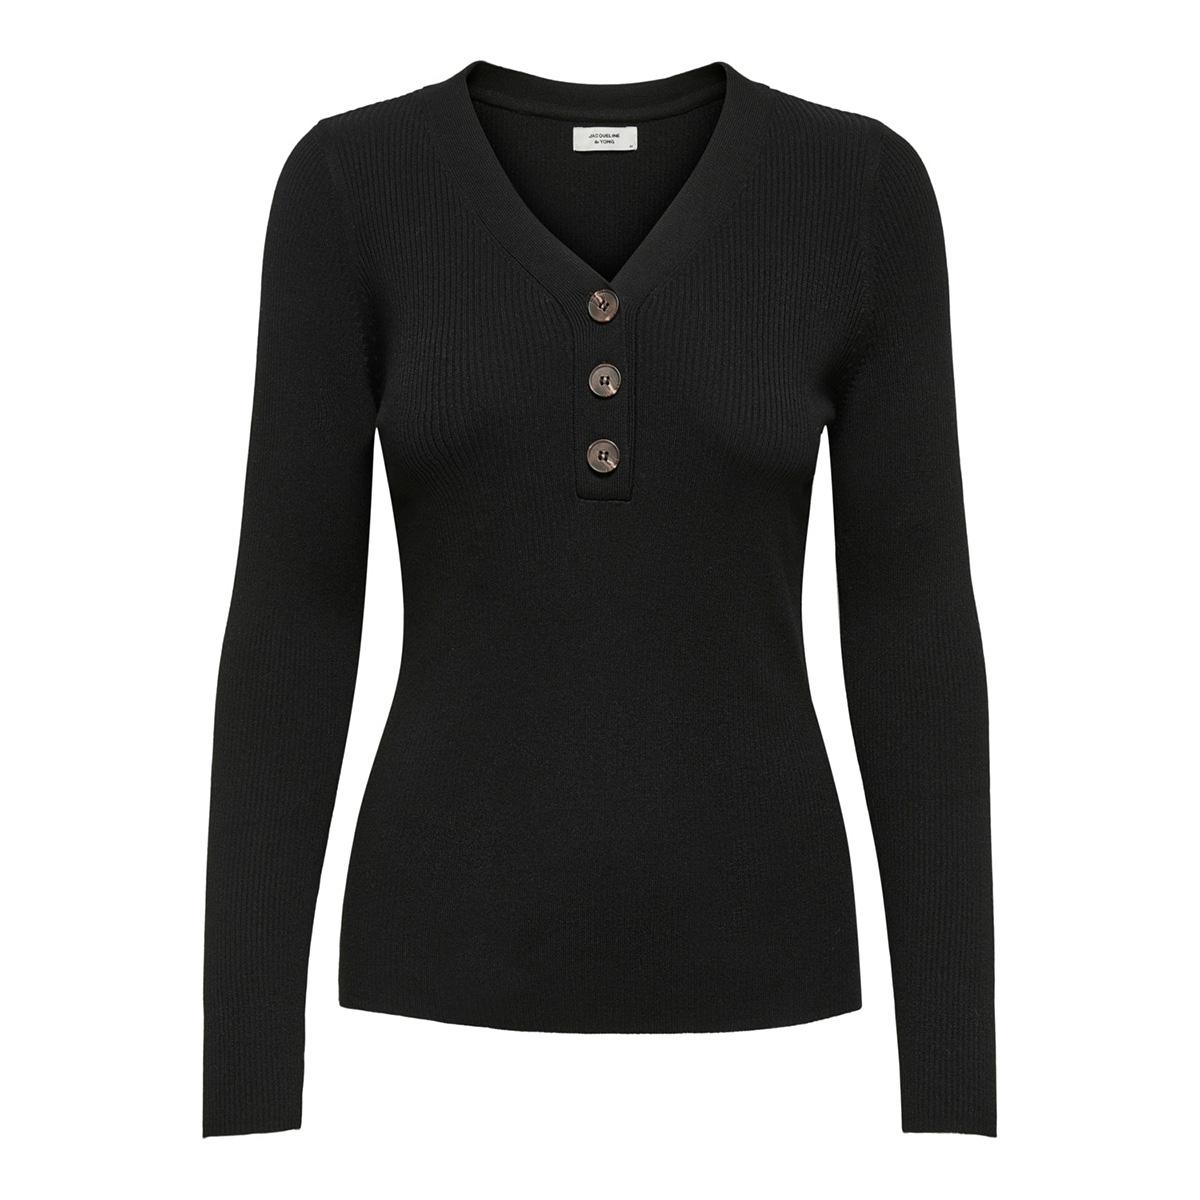 jdymelani l/s pullover knt 15195353 jacqueline de yong trui black